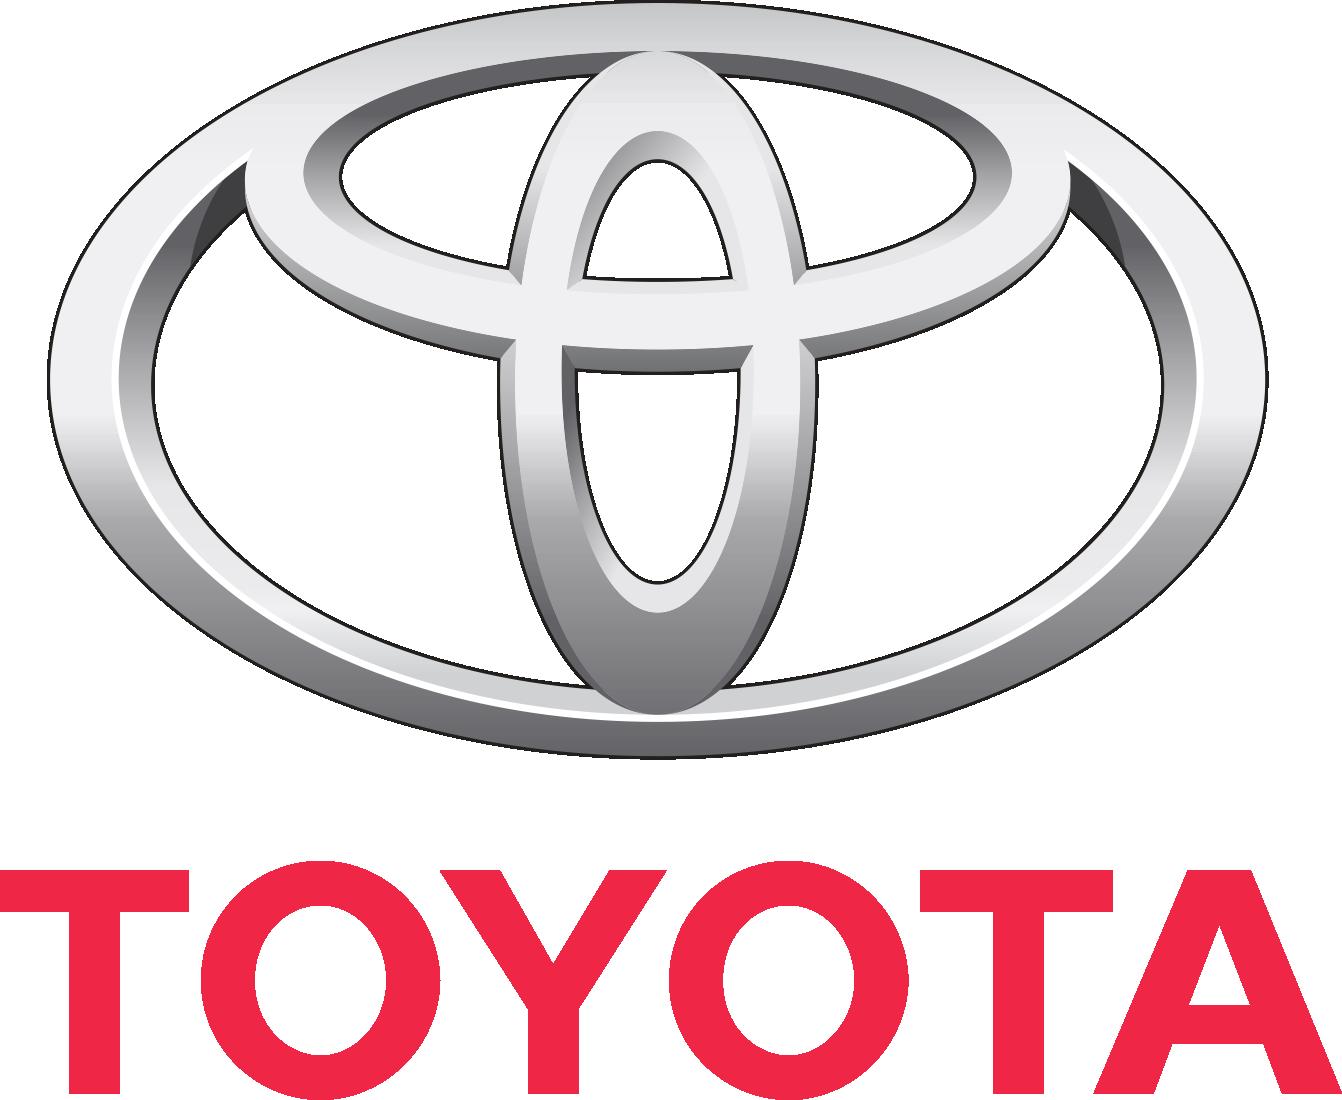 Used Toyota Cincinnati